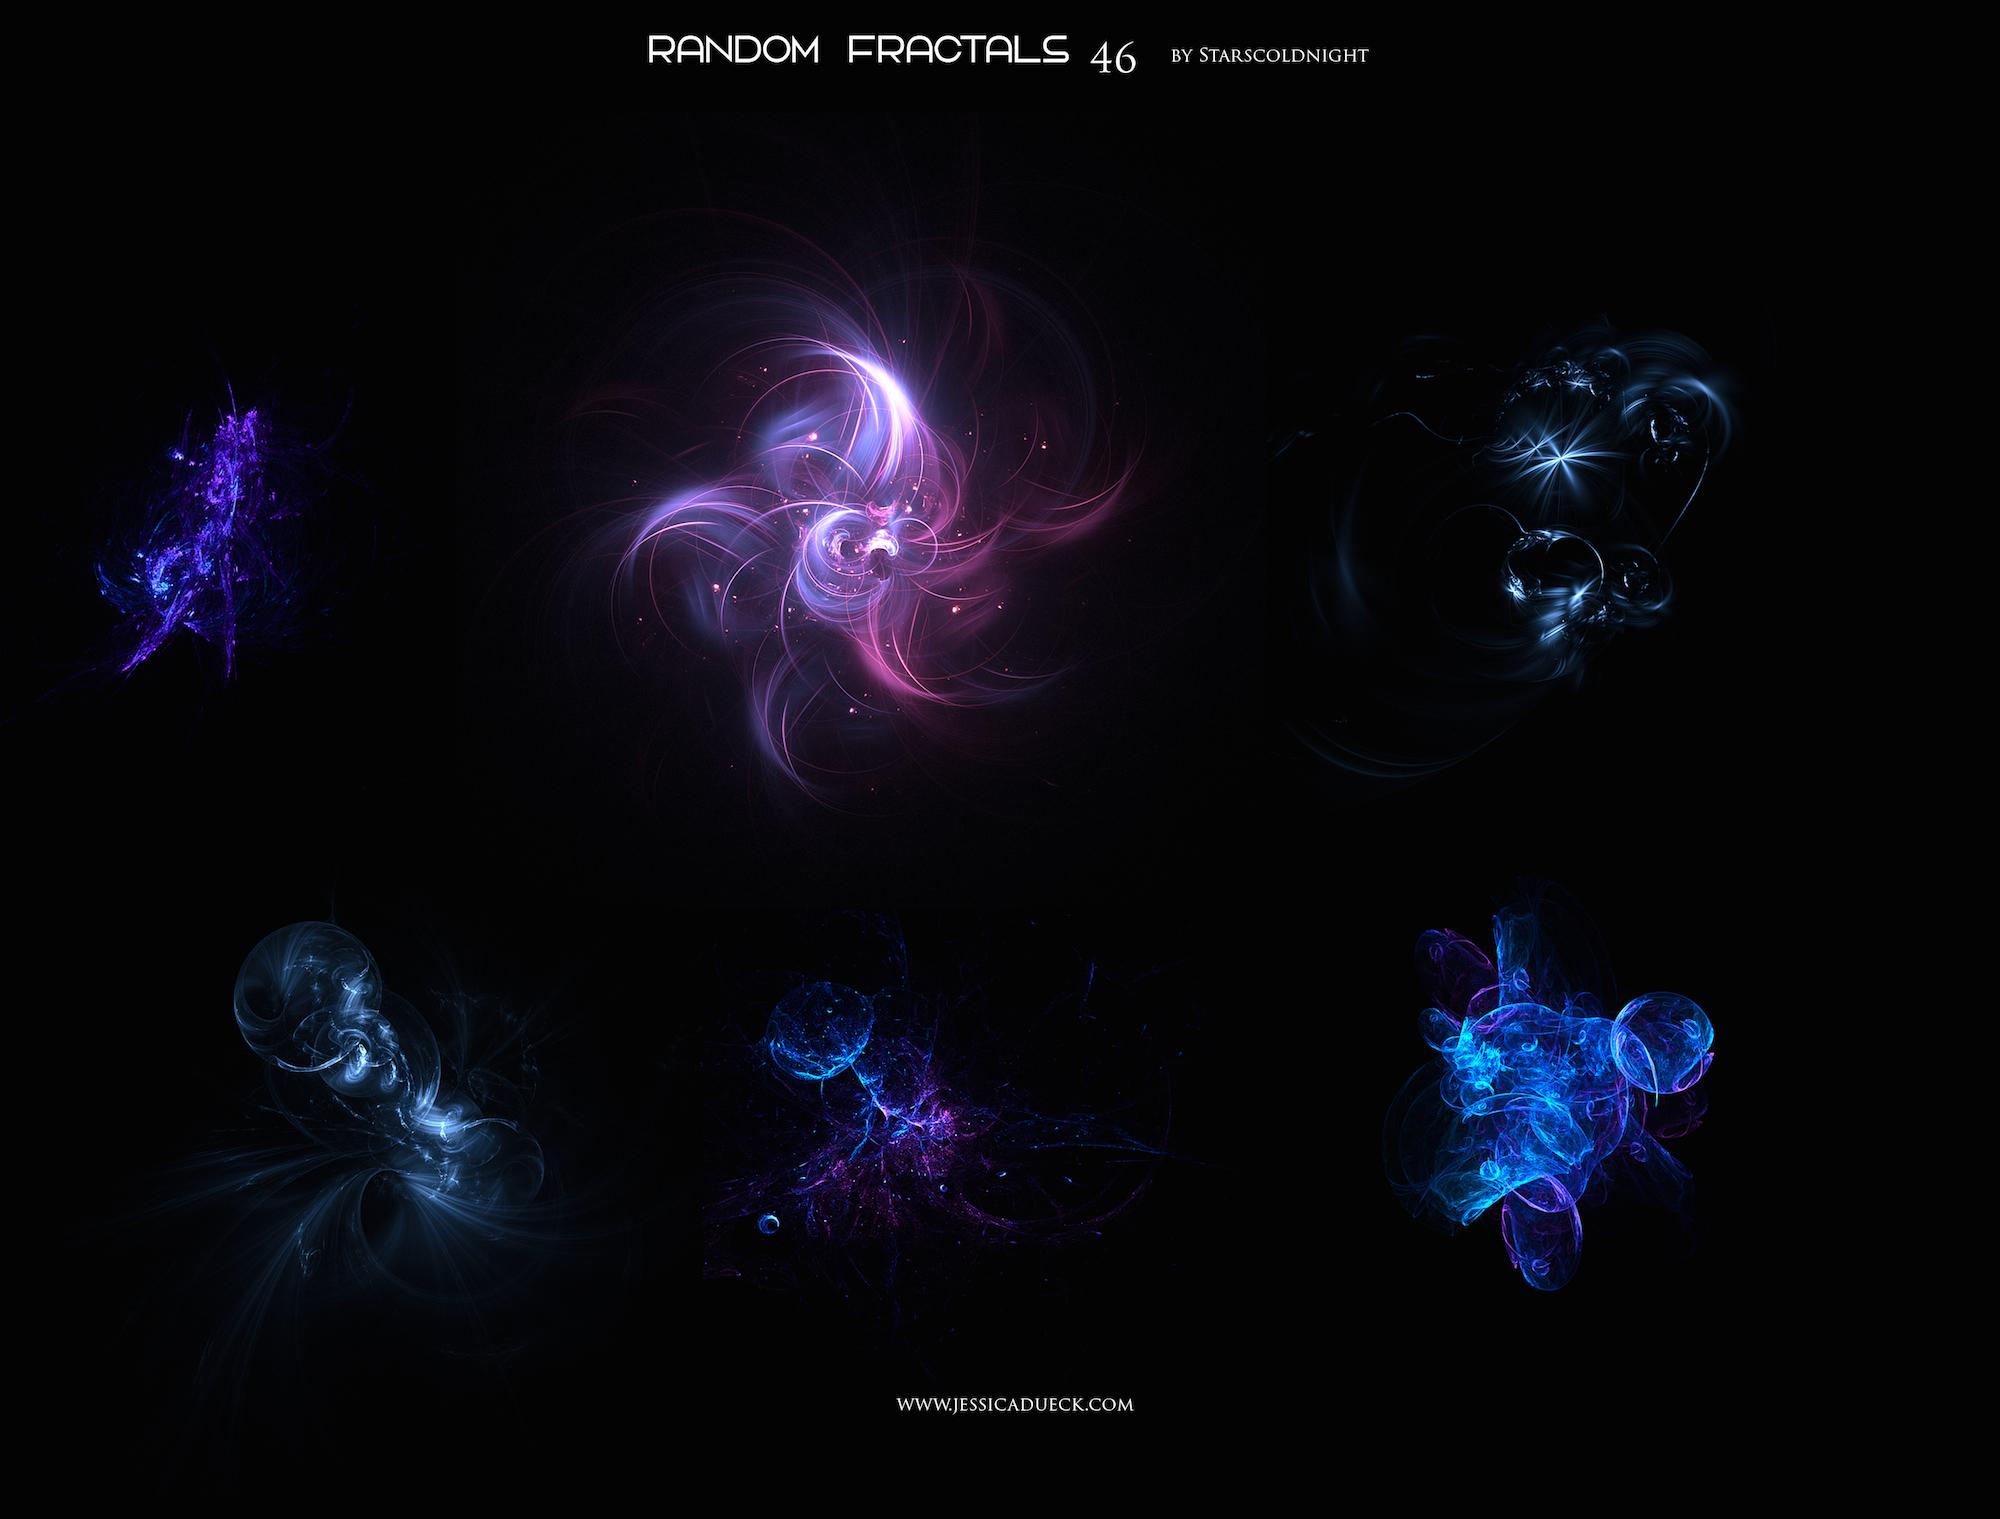 Random fractals 46 by Starscoldnight by StarsColdNight